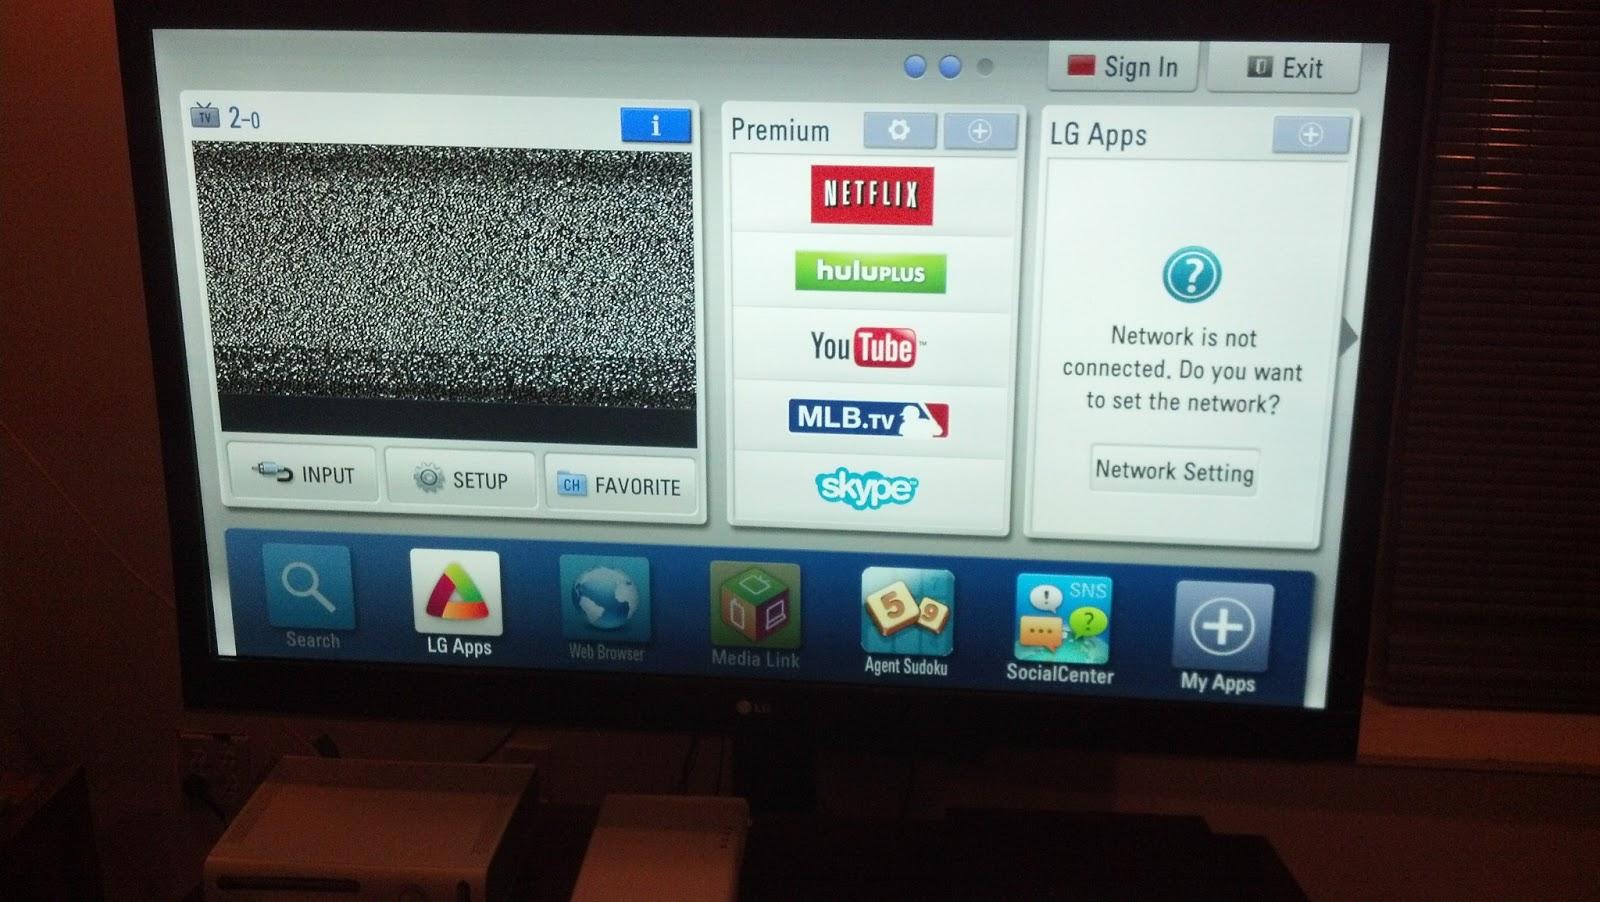 Siliconfish: Lightning strike killed the LG 55LW5700 TV - Fixed it!!!!!